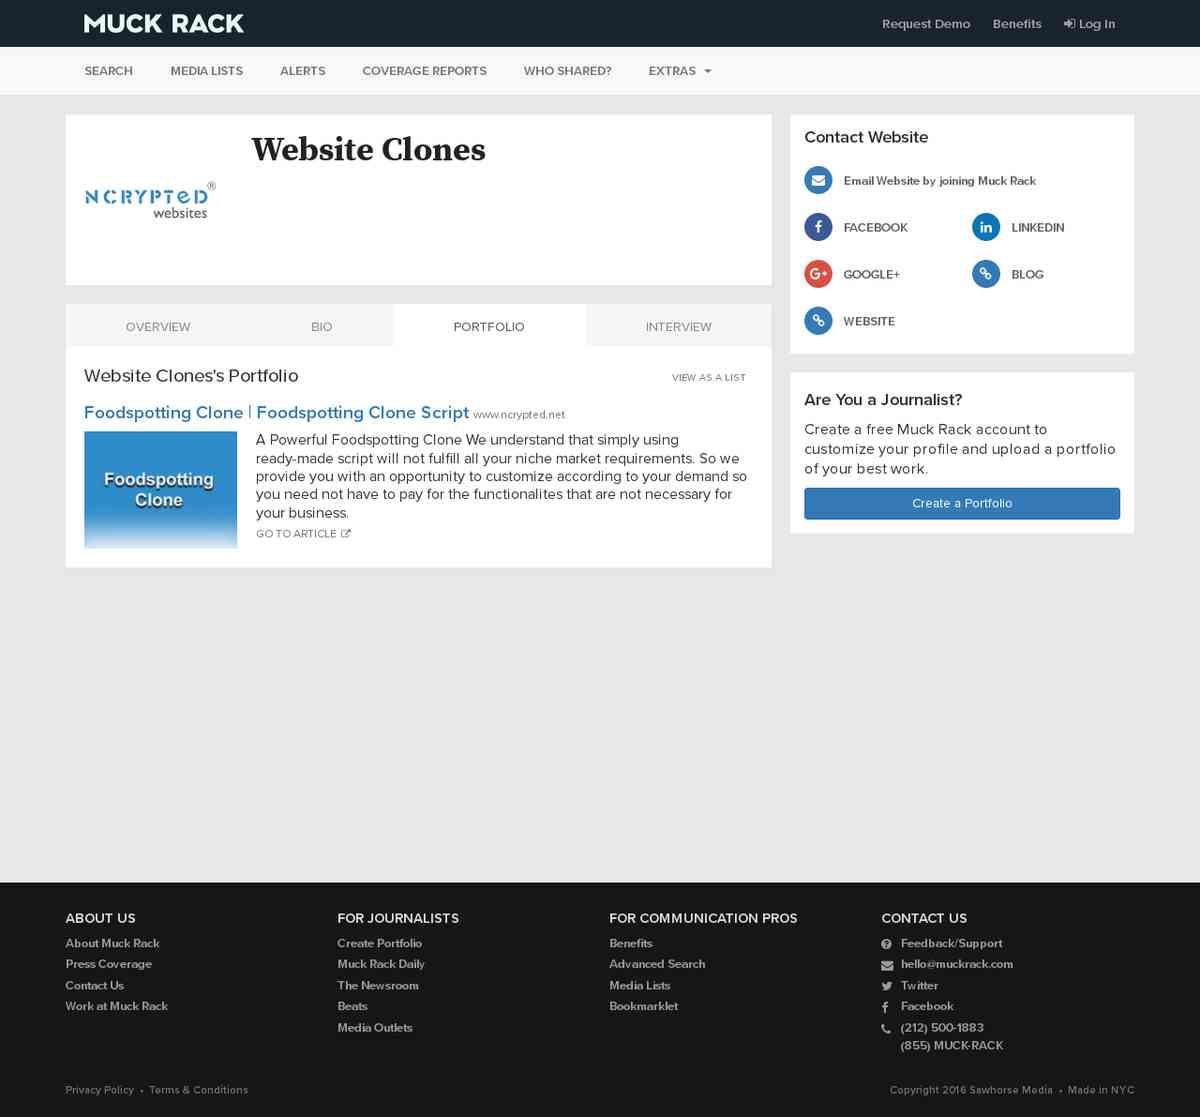 muckrack.com/website-clones/portfolio/KQ3/foodspotting-clone-foodspotting-clone-script